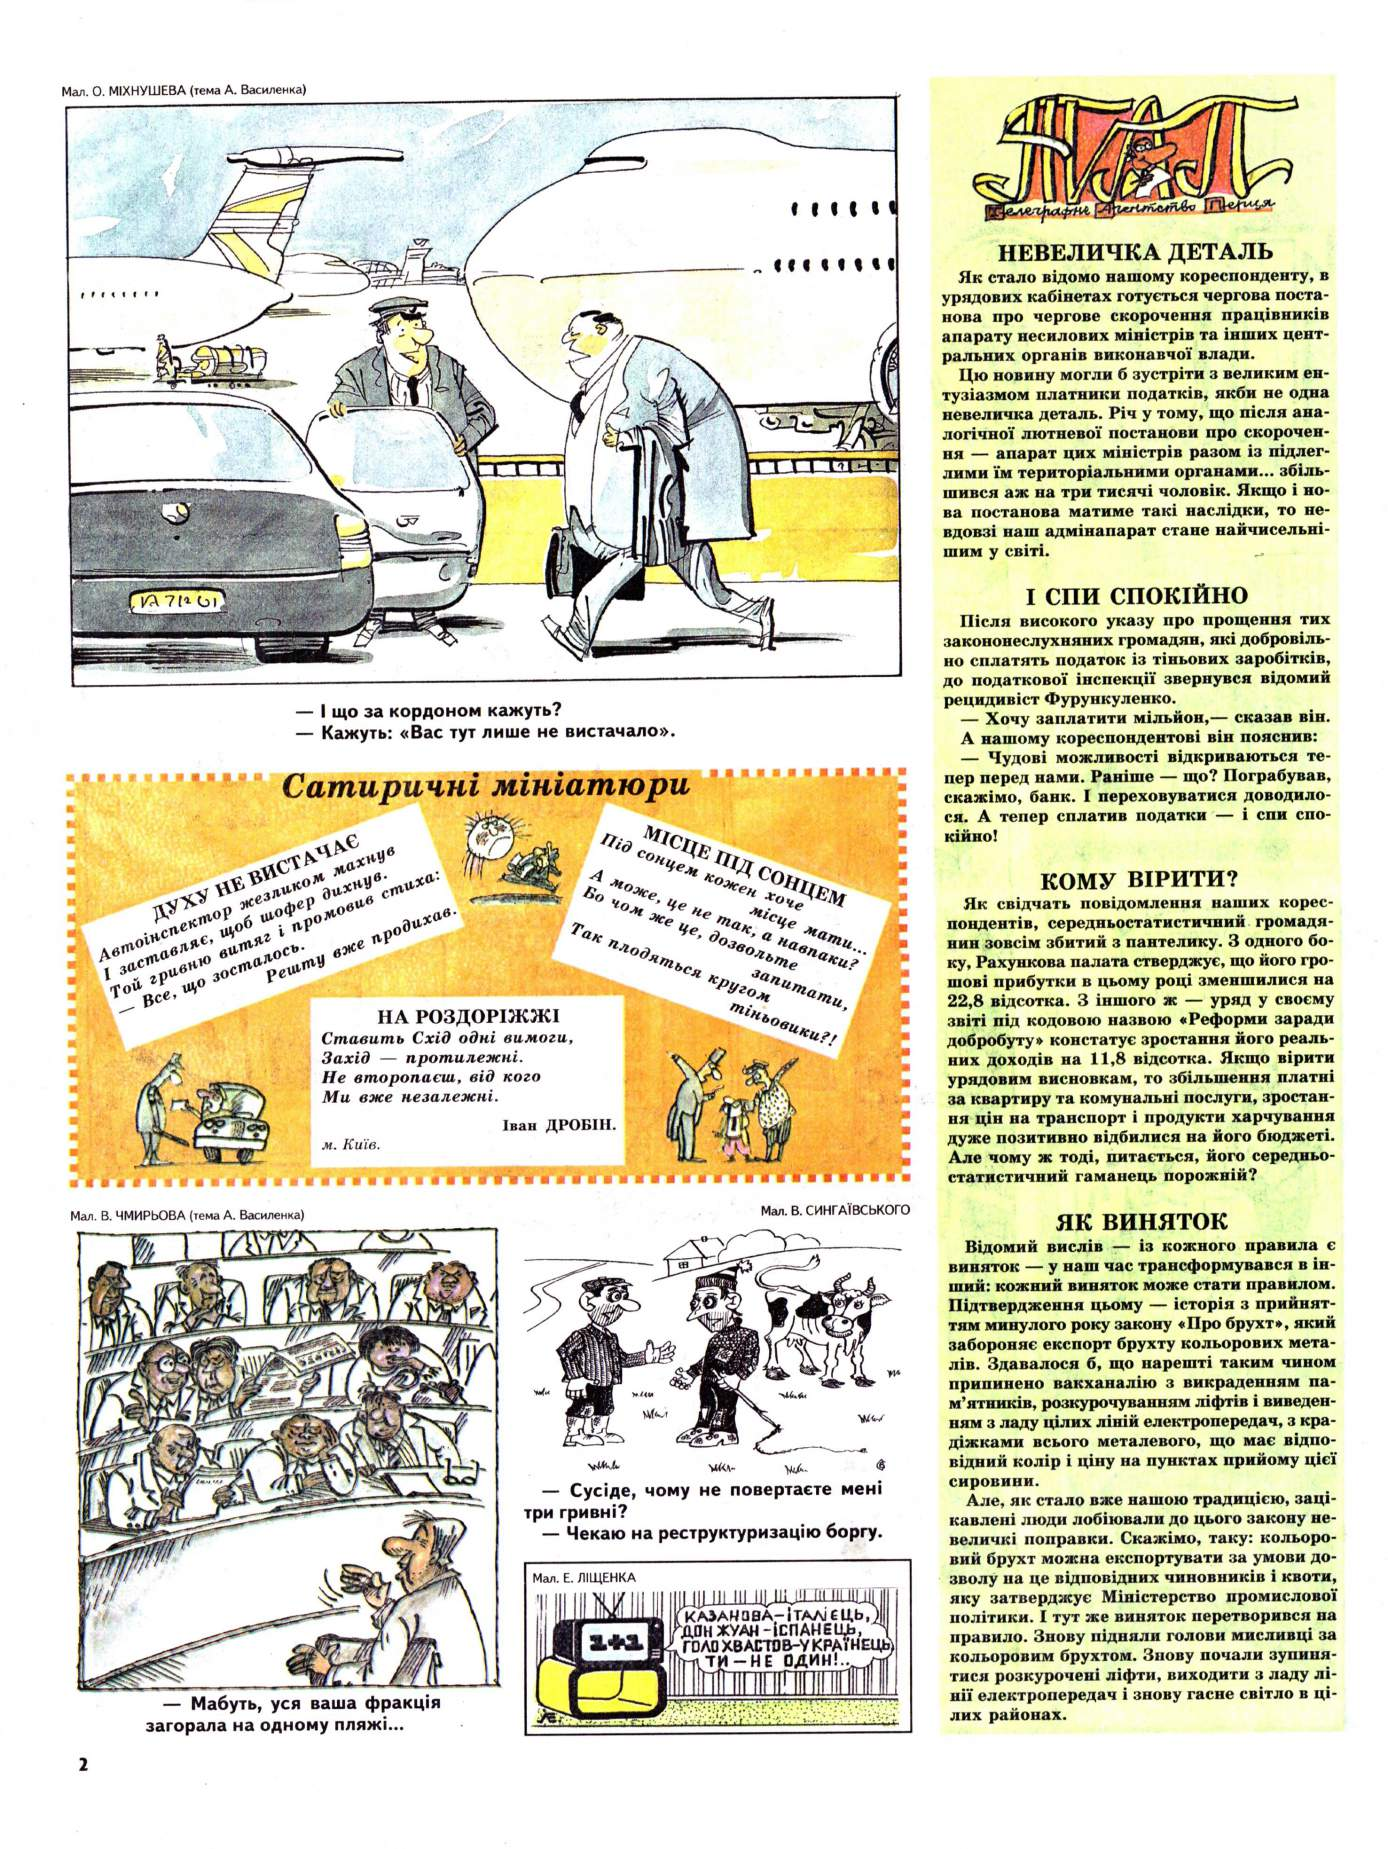 Журнал перець 2000 №09